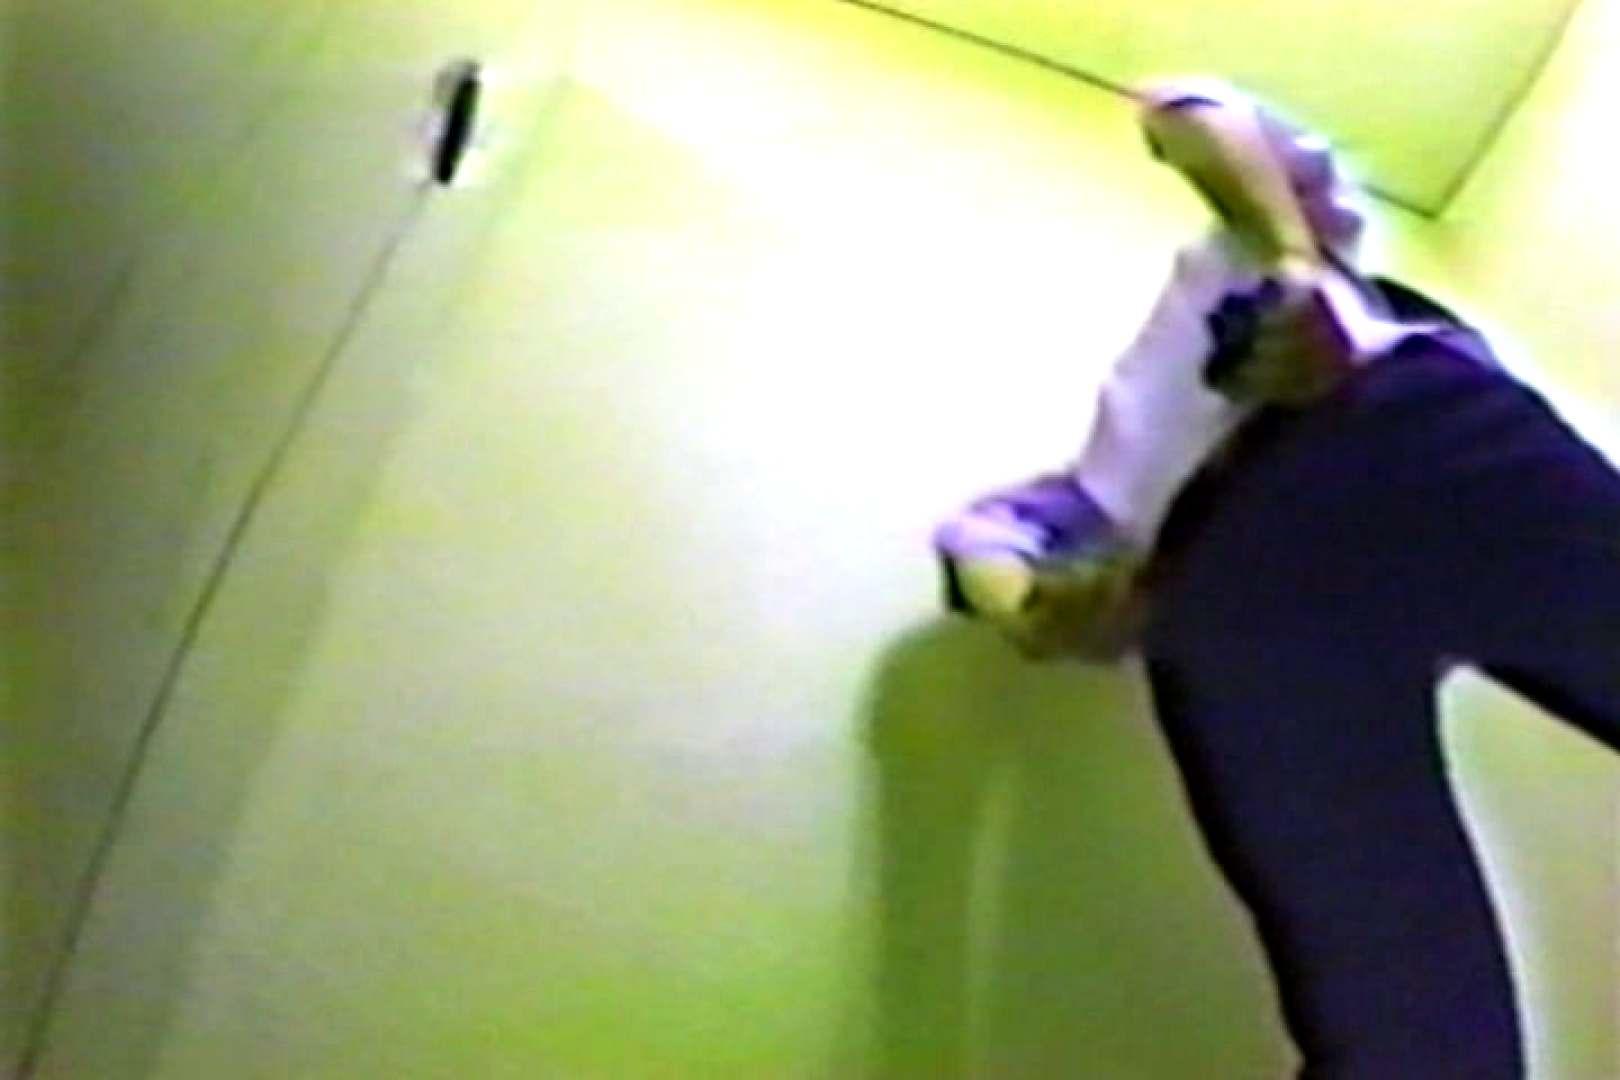 個室狂いのマニア映像Vol.1 エロティックなOL われめAV動画紹介 95画像 83